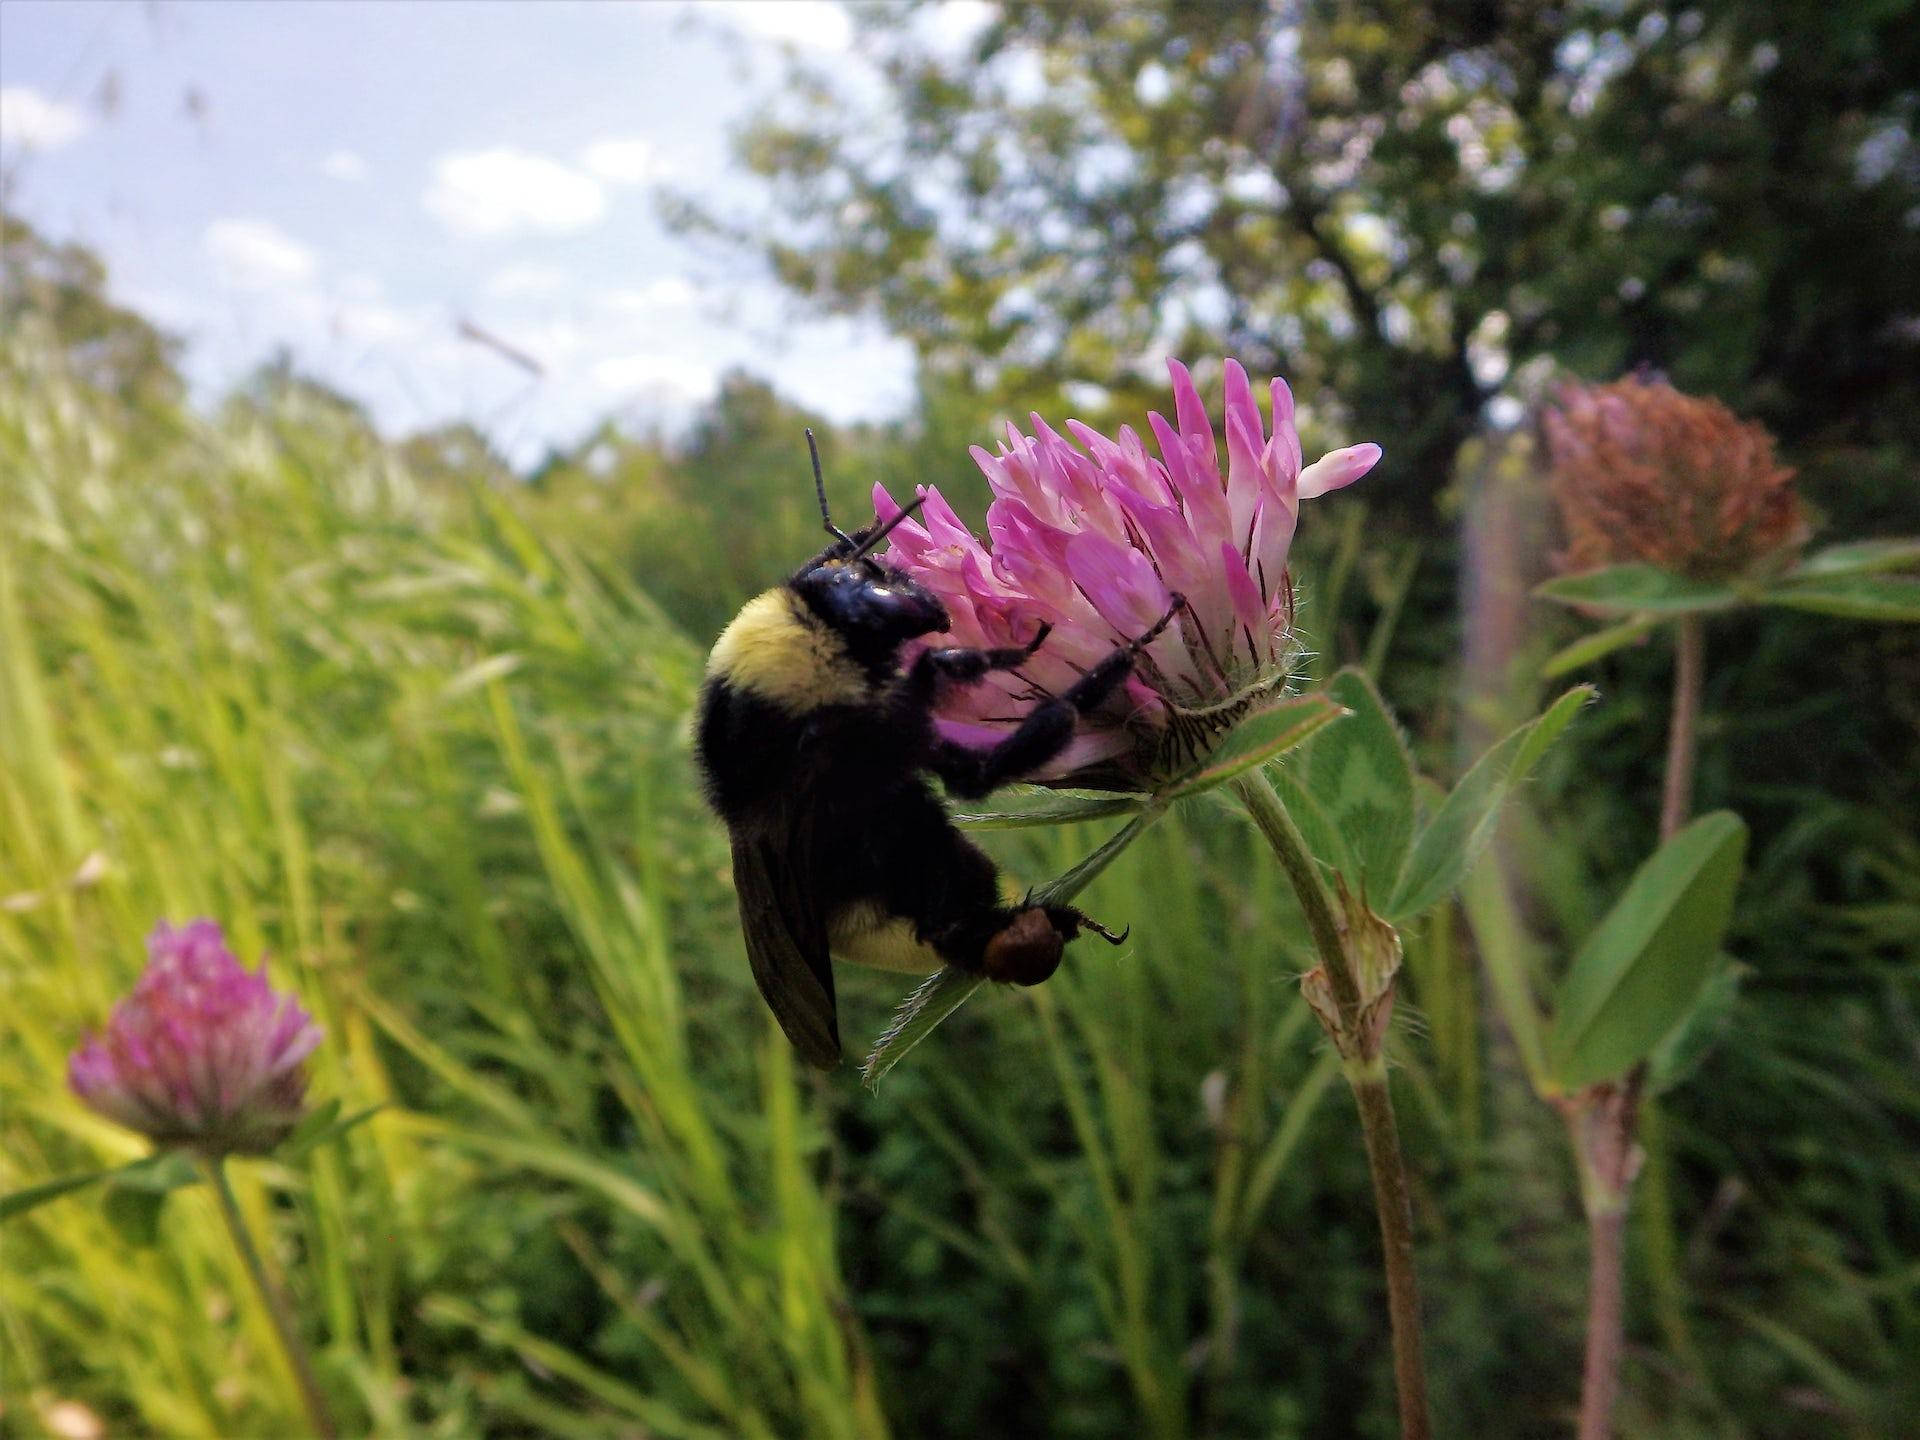 Il faut sauver les abeilles! On ne peut pas se permettre de perdre nos pollinisateurs naturels